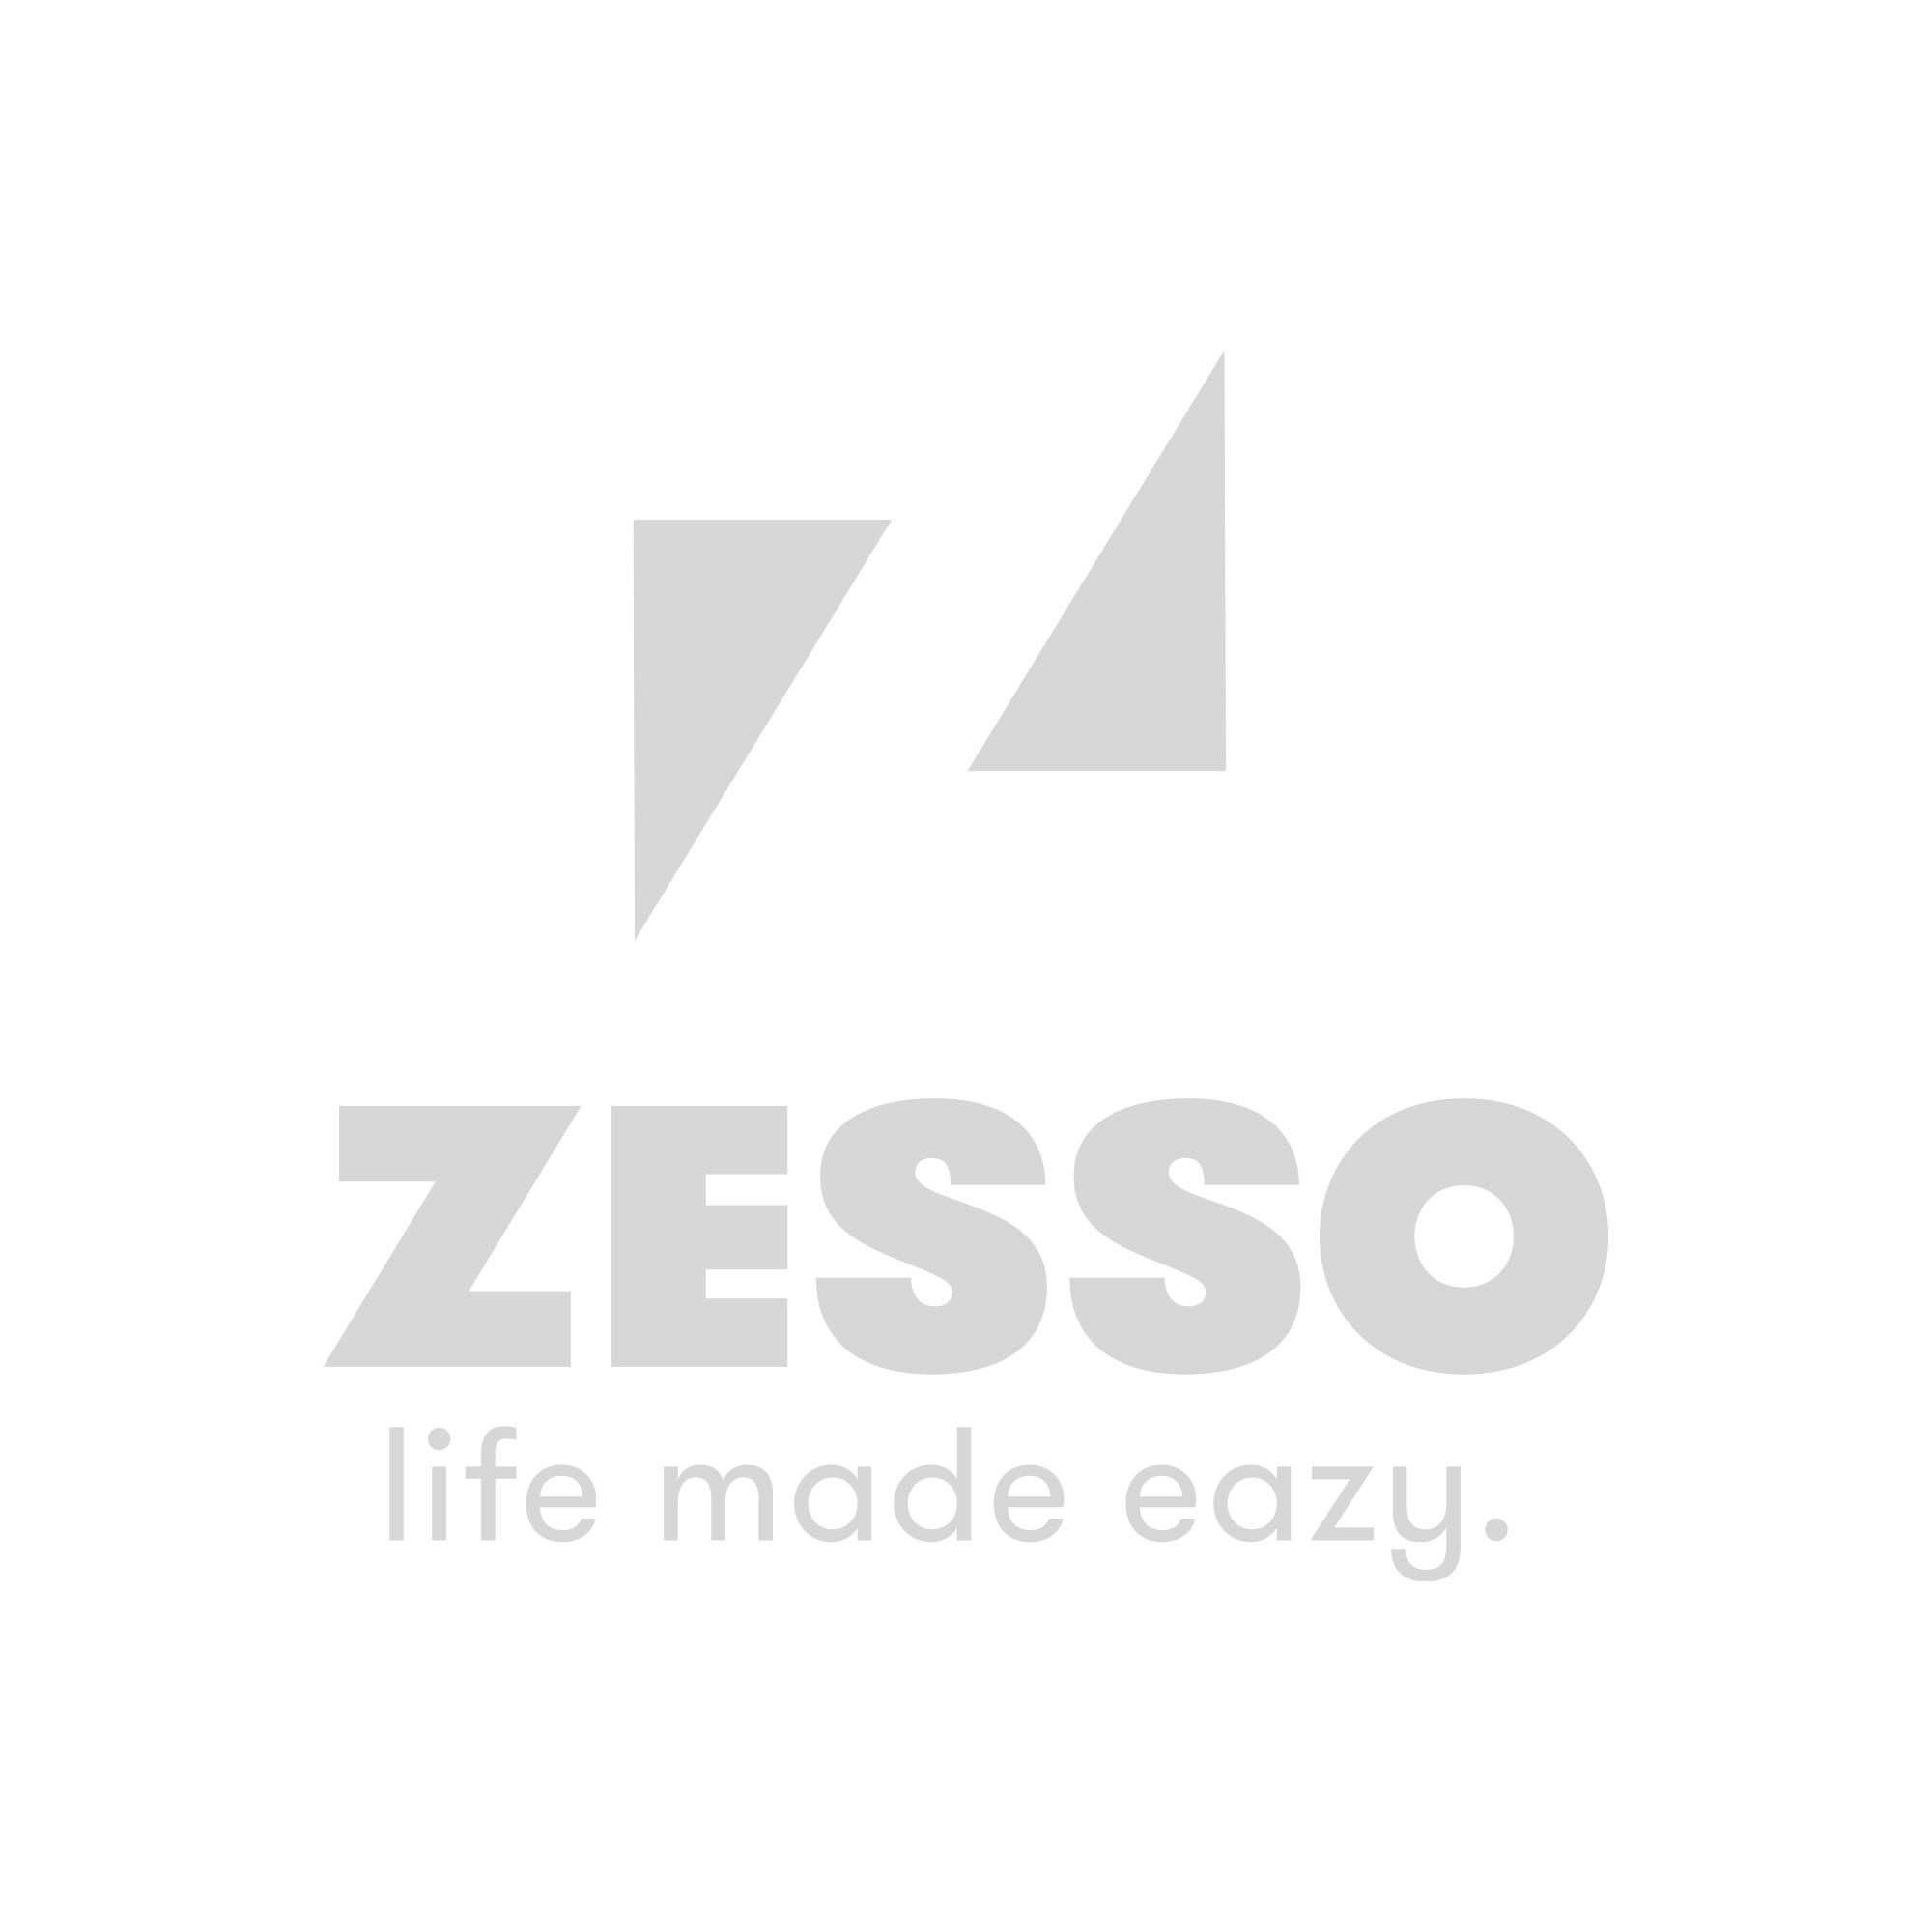 Audi TTS Roadster Elektrische Kinderauto 3 - 8 Jaar 12 V Wit